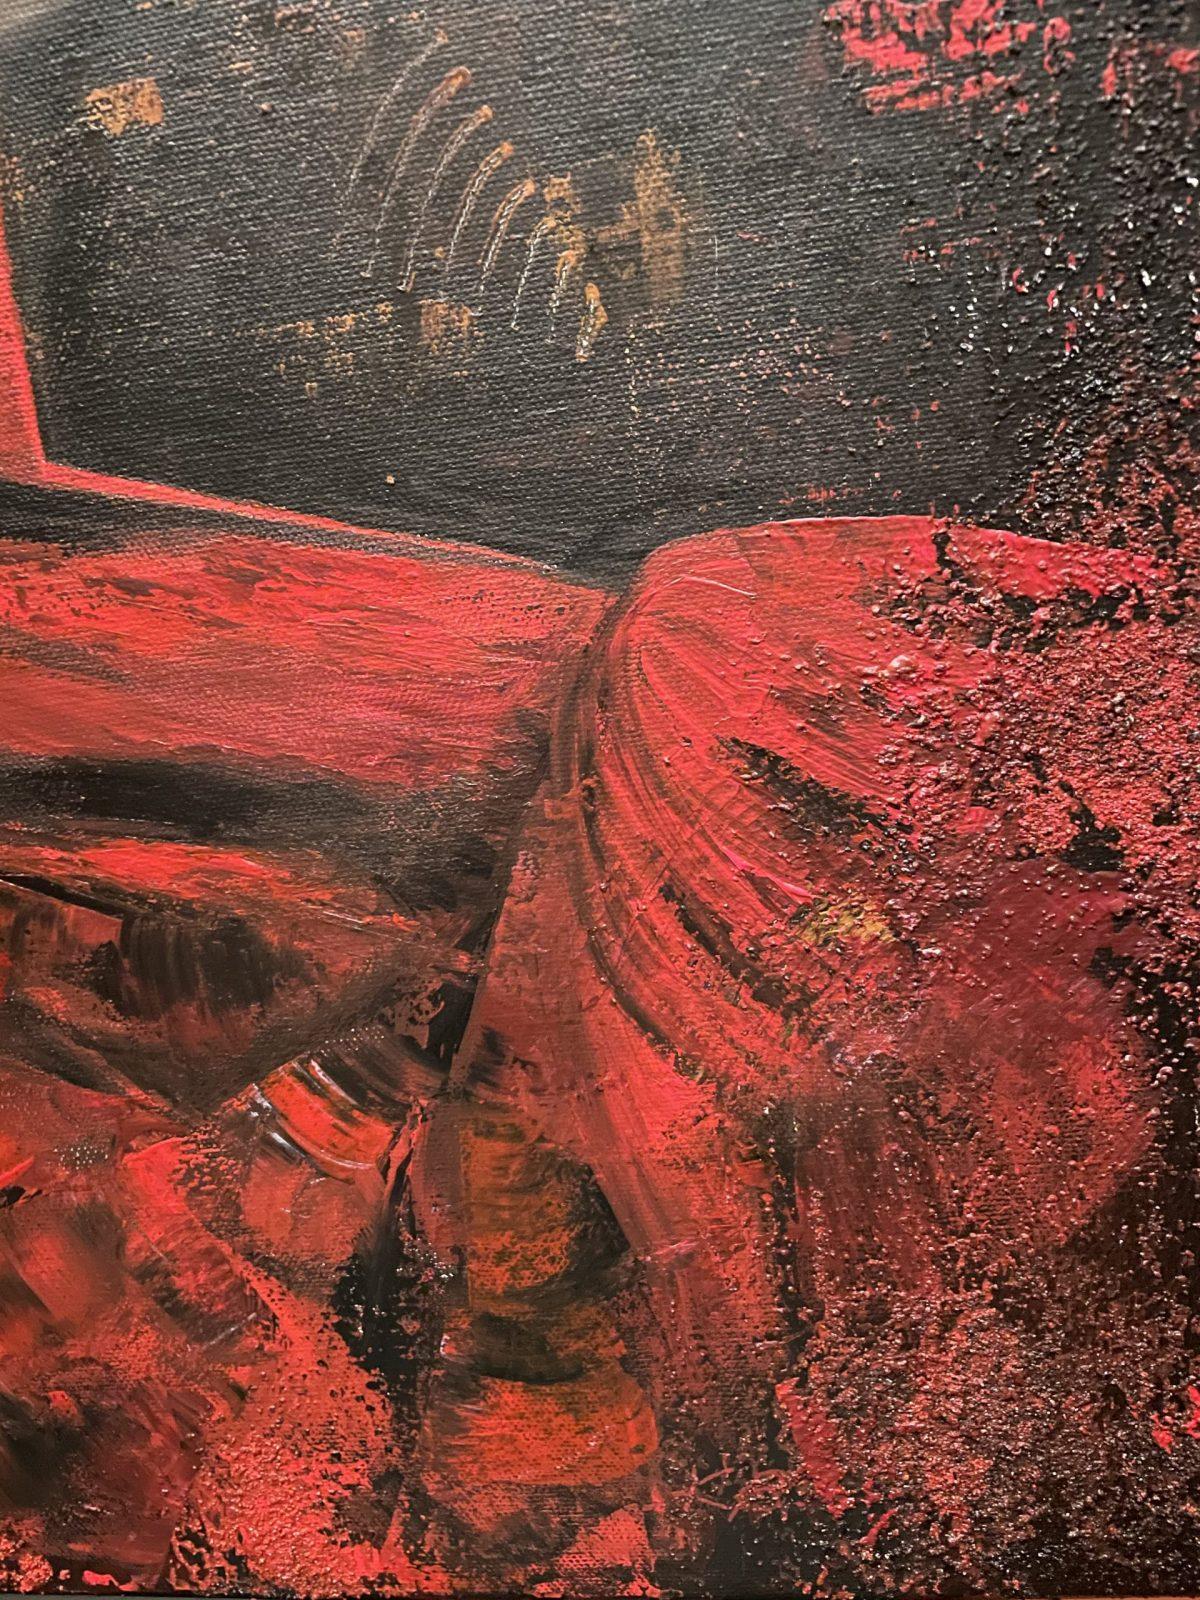 Danseuse du Flamenco, gros plan sur la robe de la danseuse